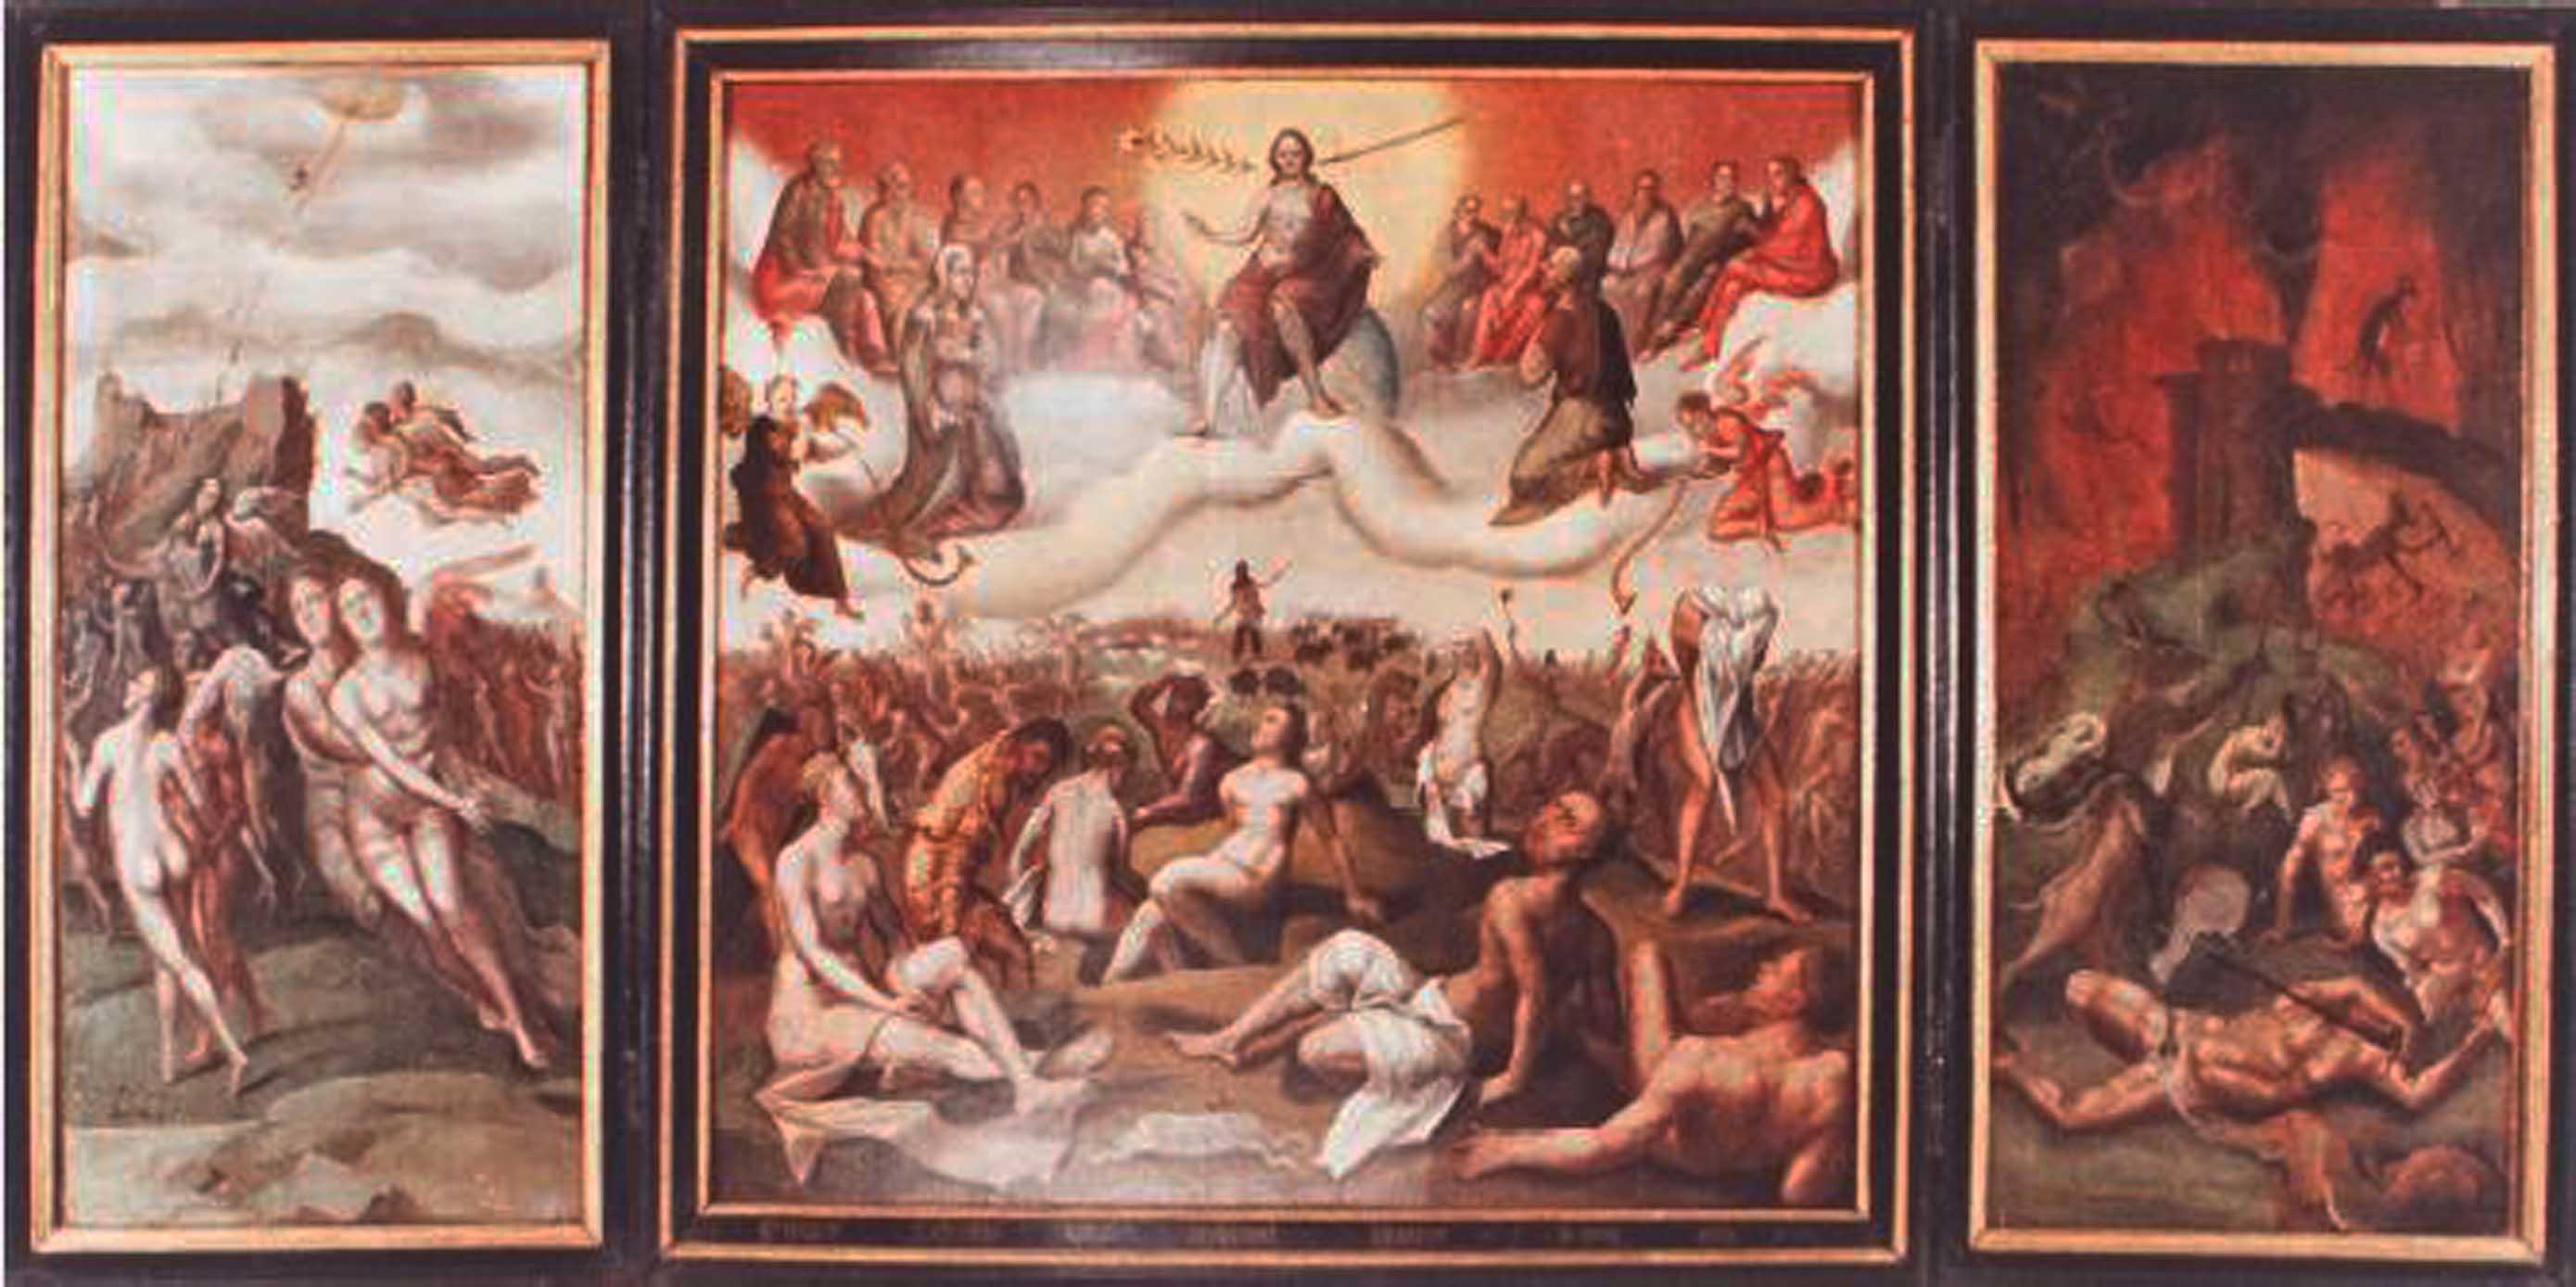 160722 s Gravenzande  drieluik Het laatste oordeel a